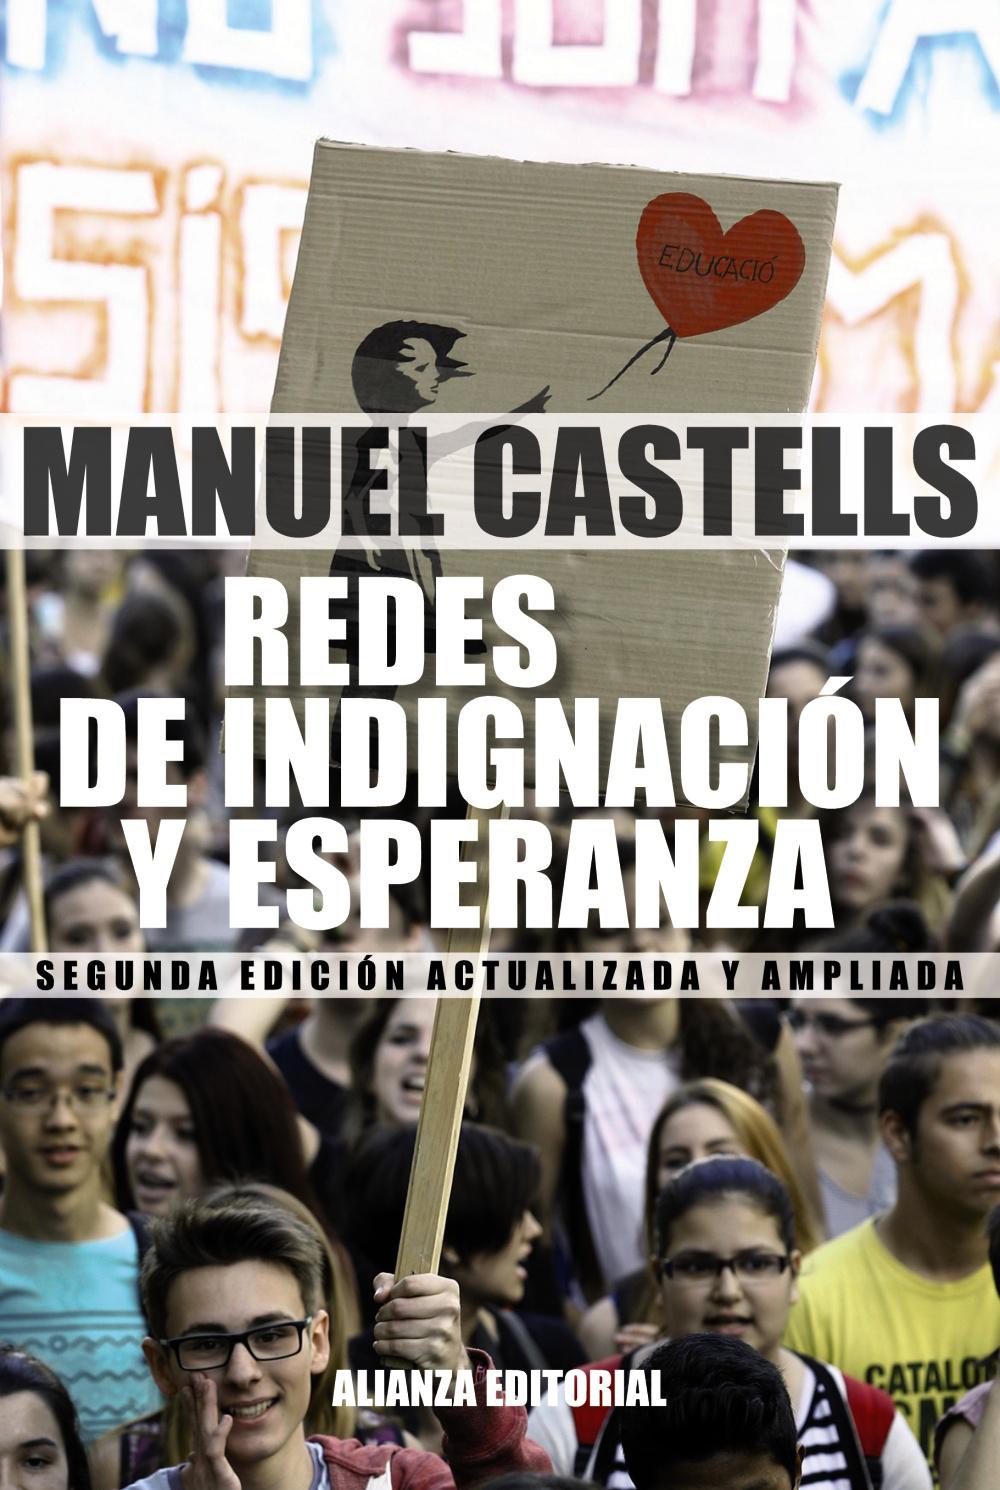 Manuel_castells_redes